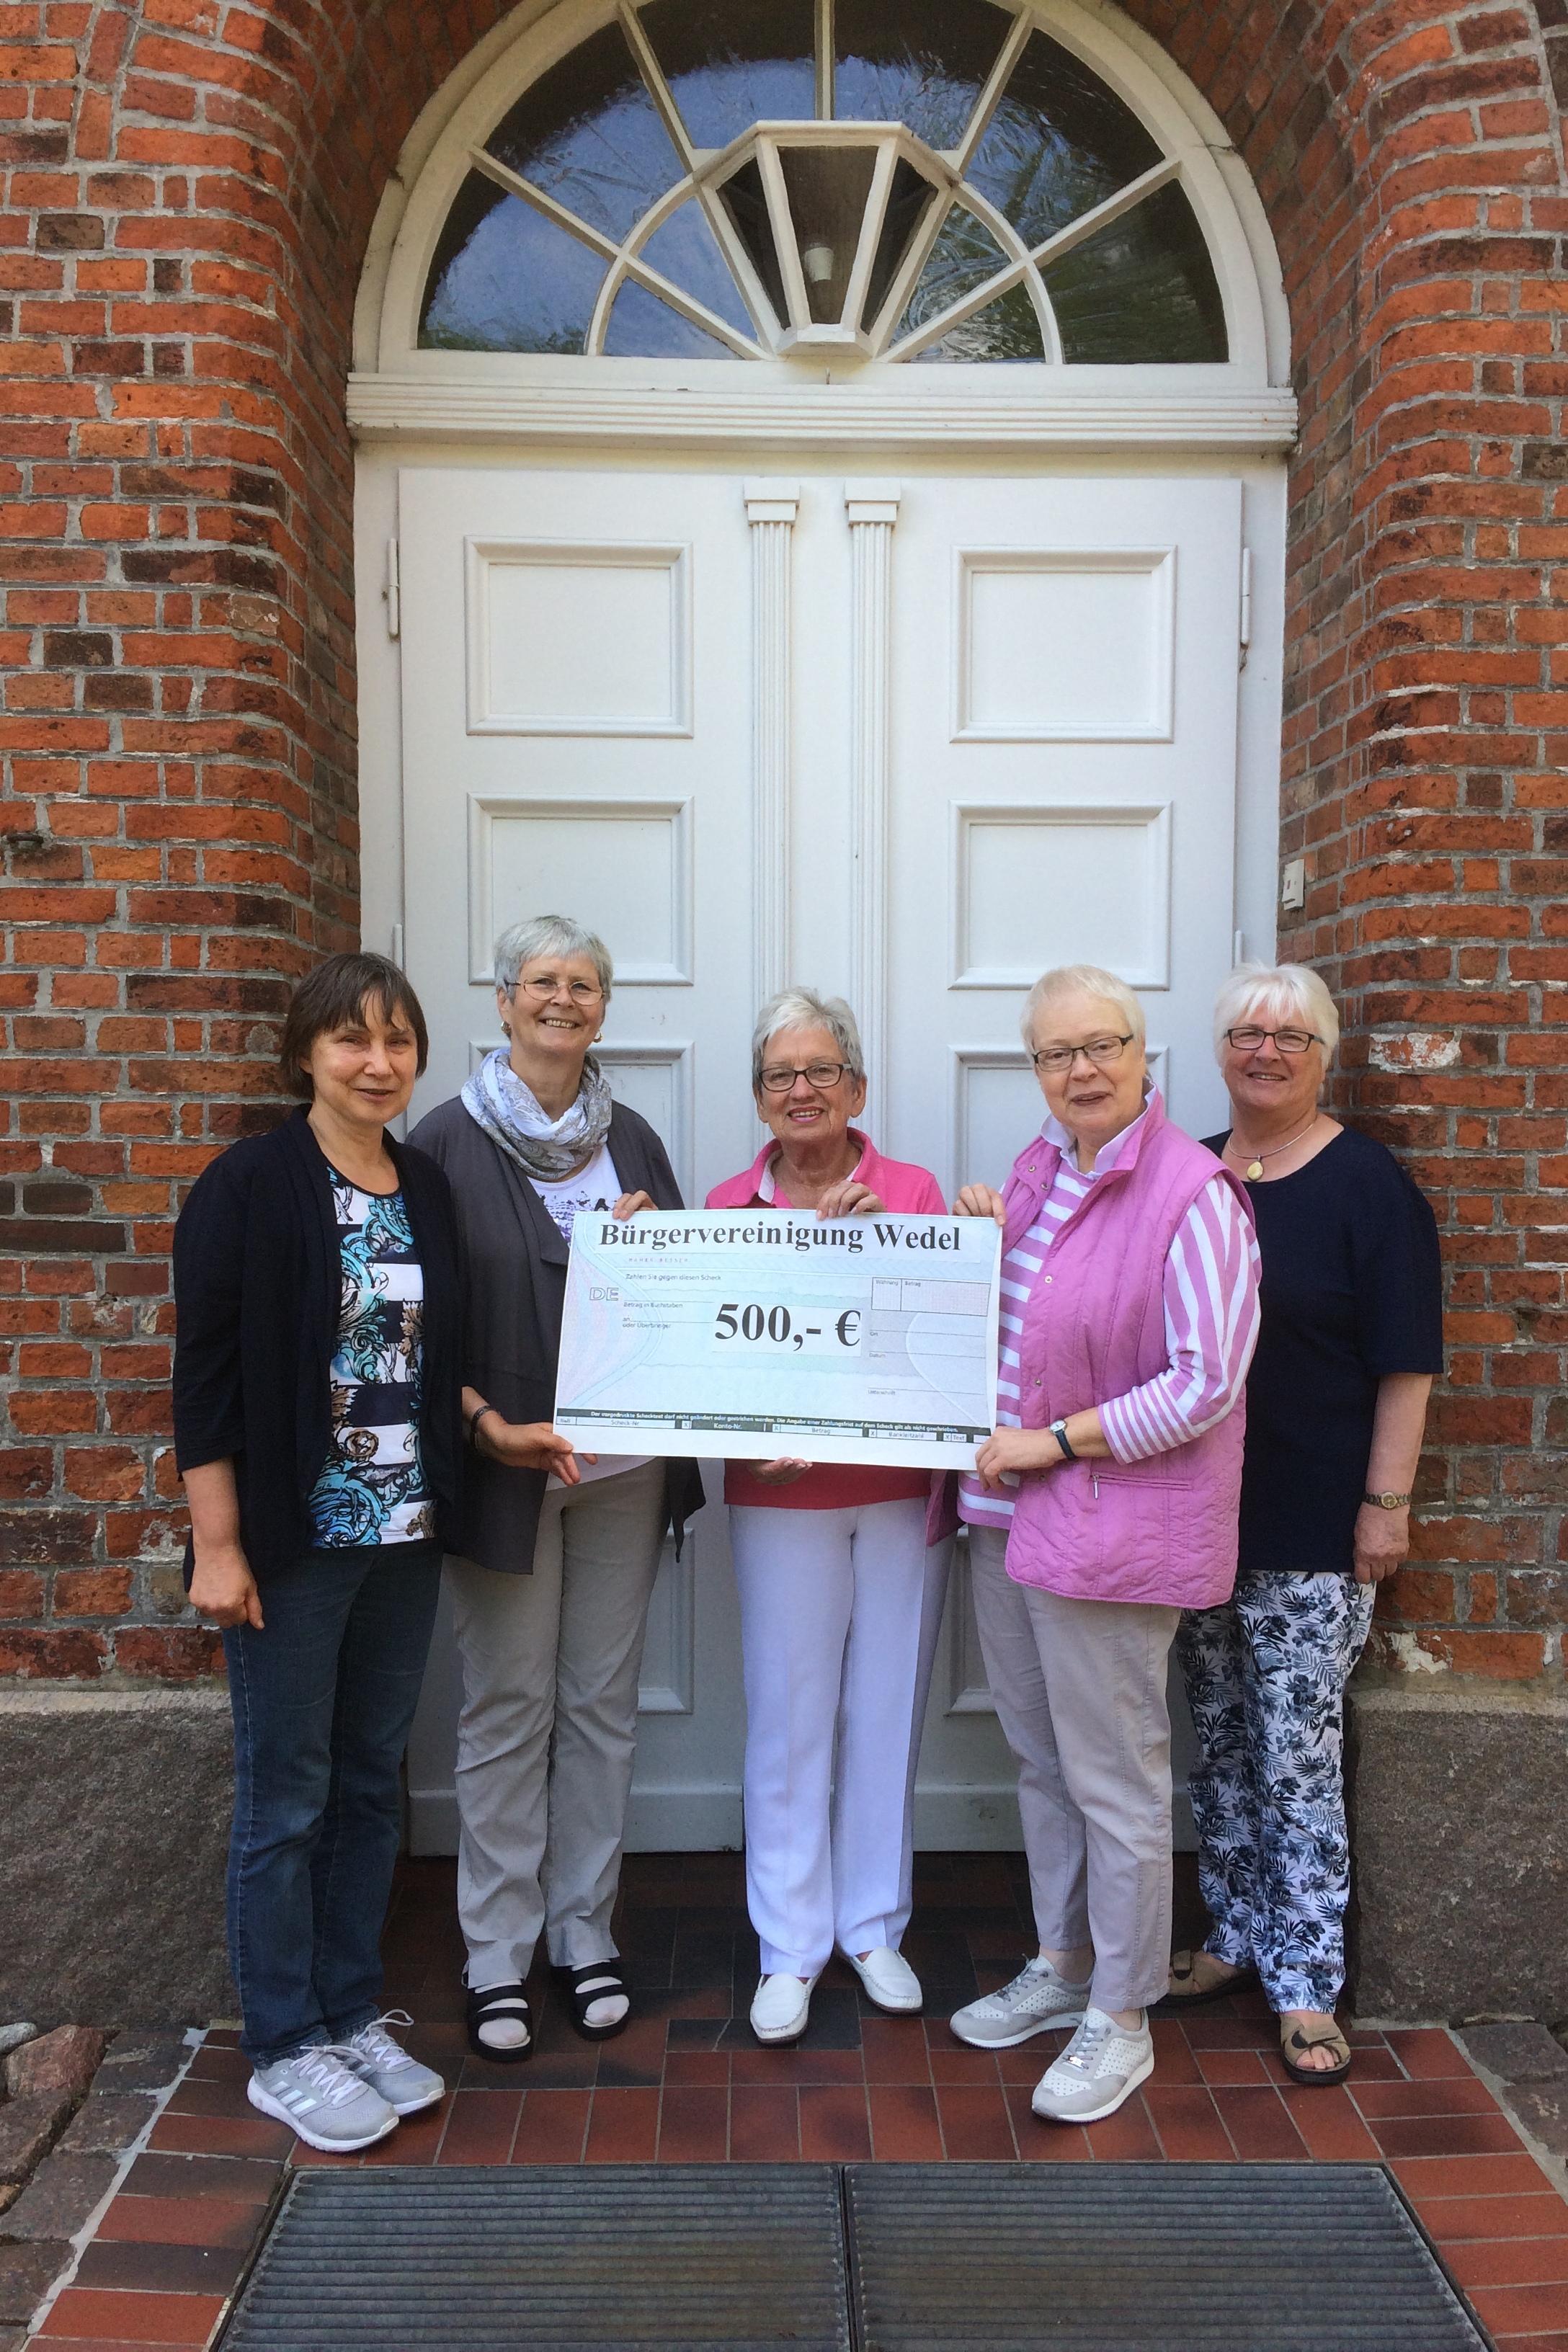 Spende an das Freiwilligen-Forum Wedel